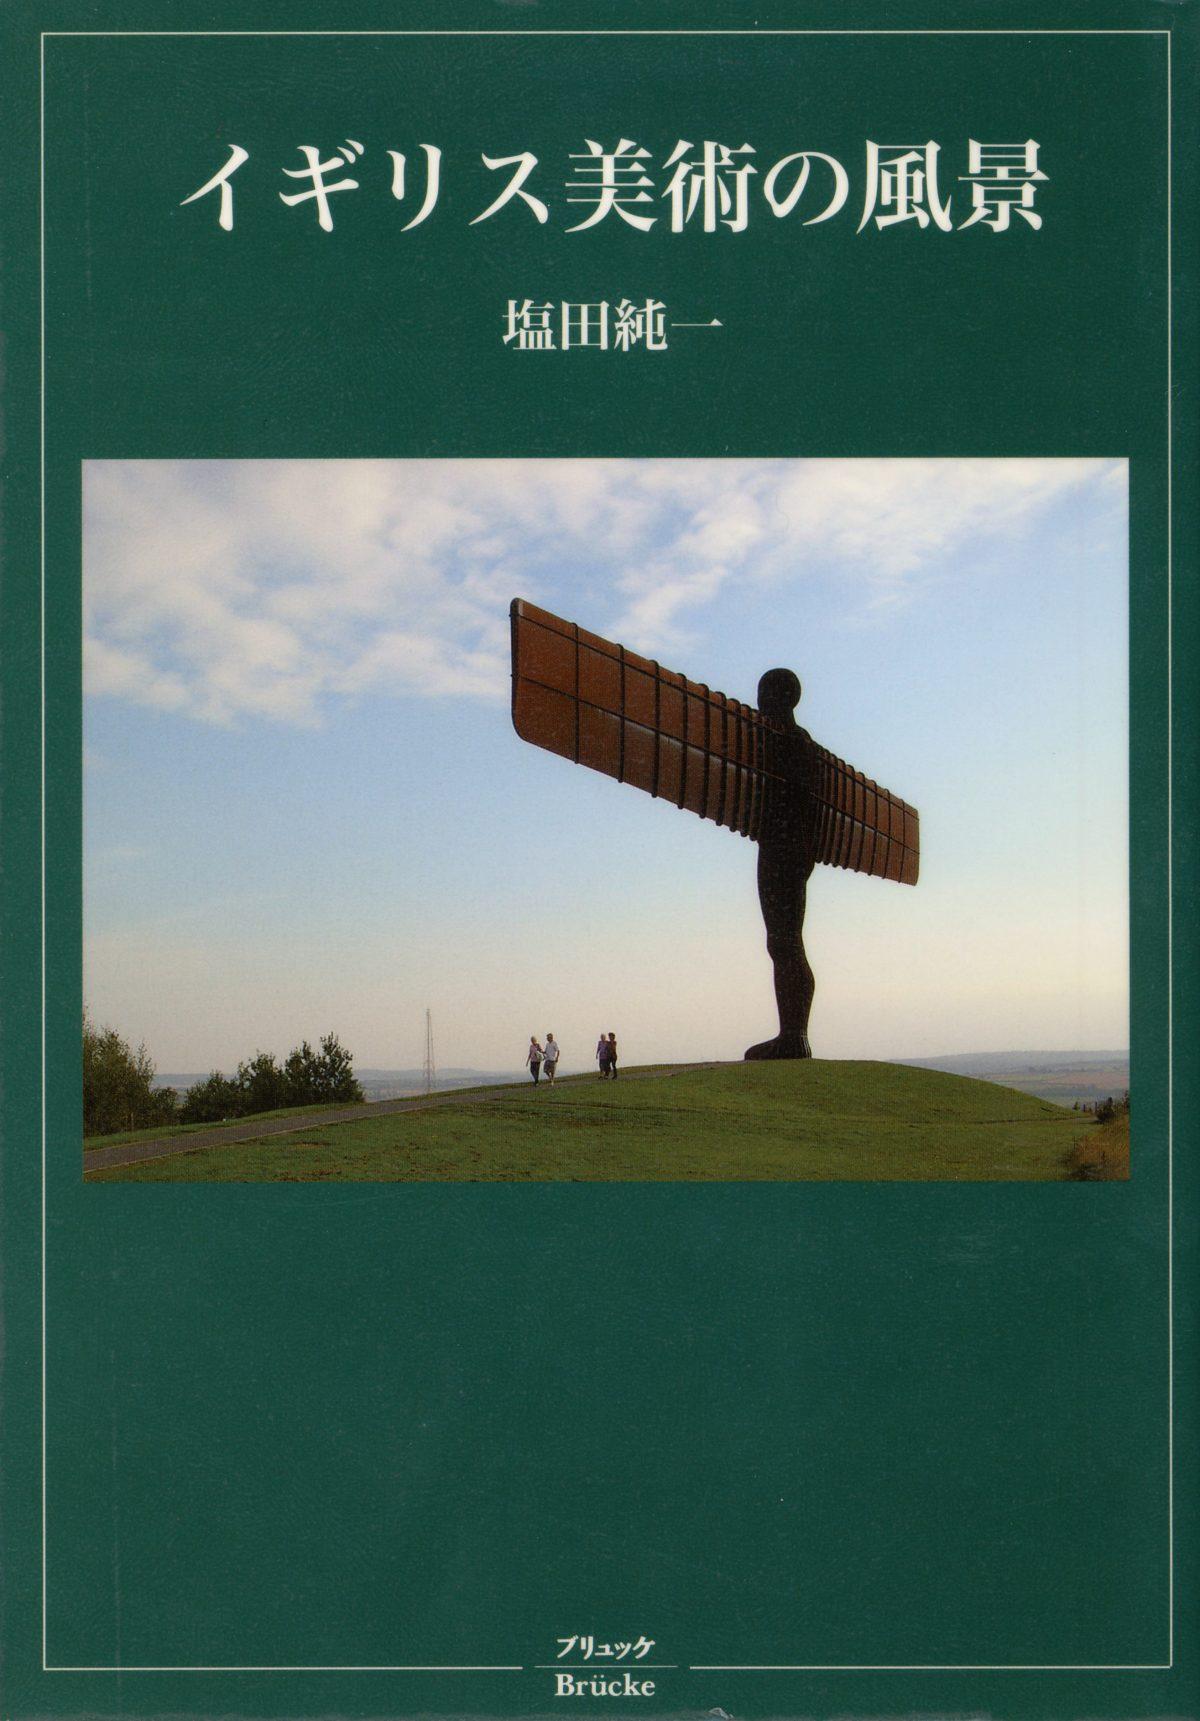 「イギリス美術の風景」ブリュッケ 2007